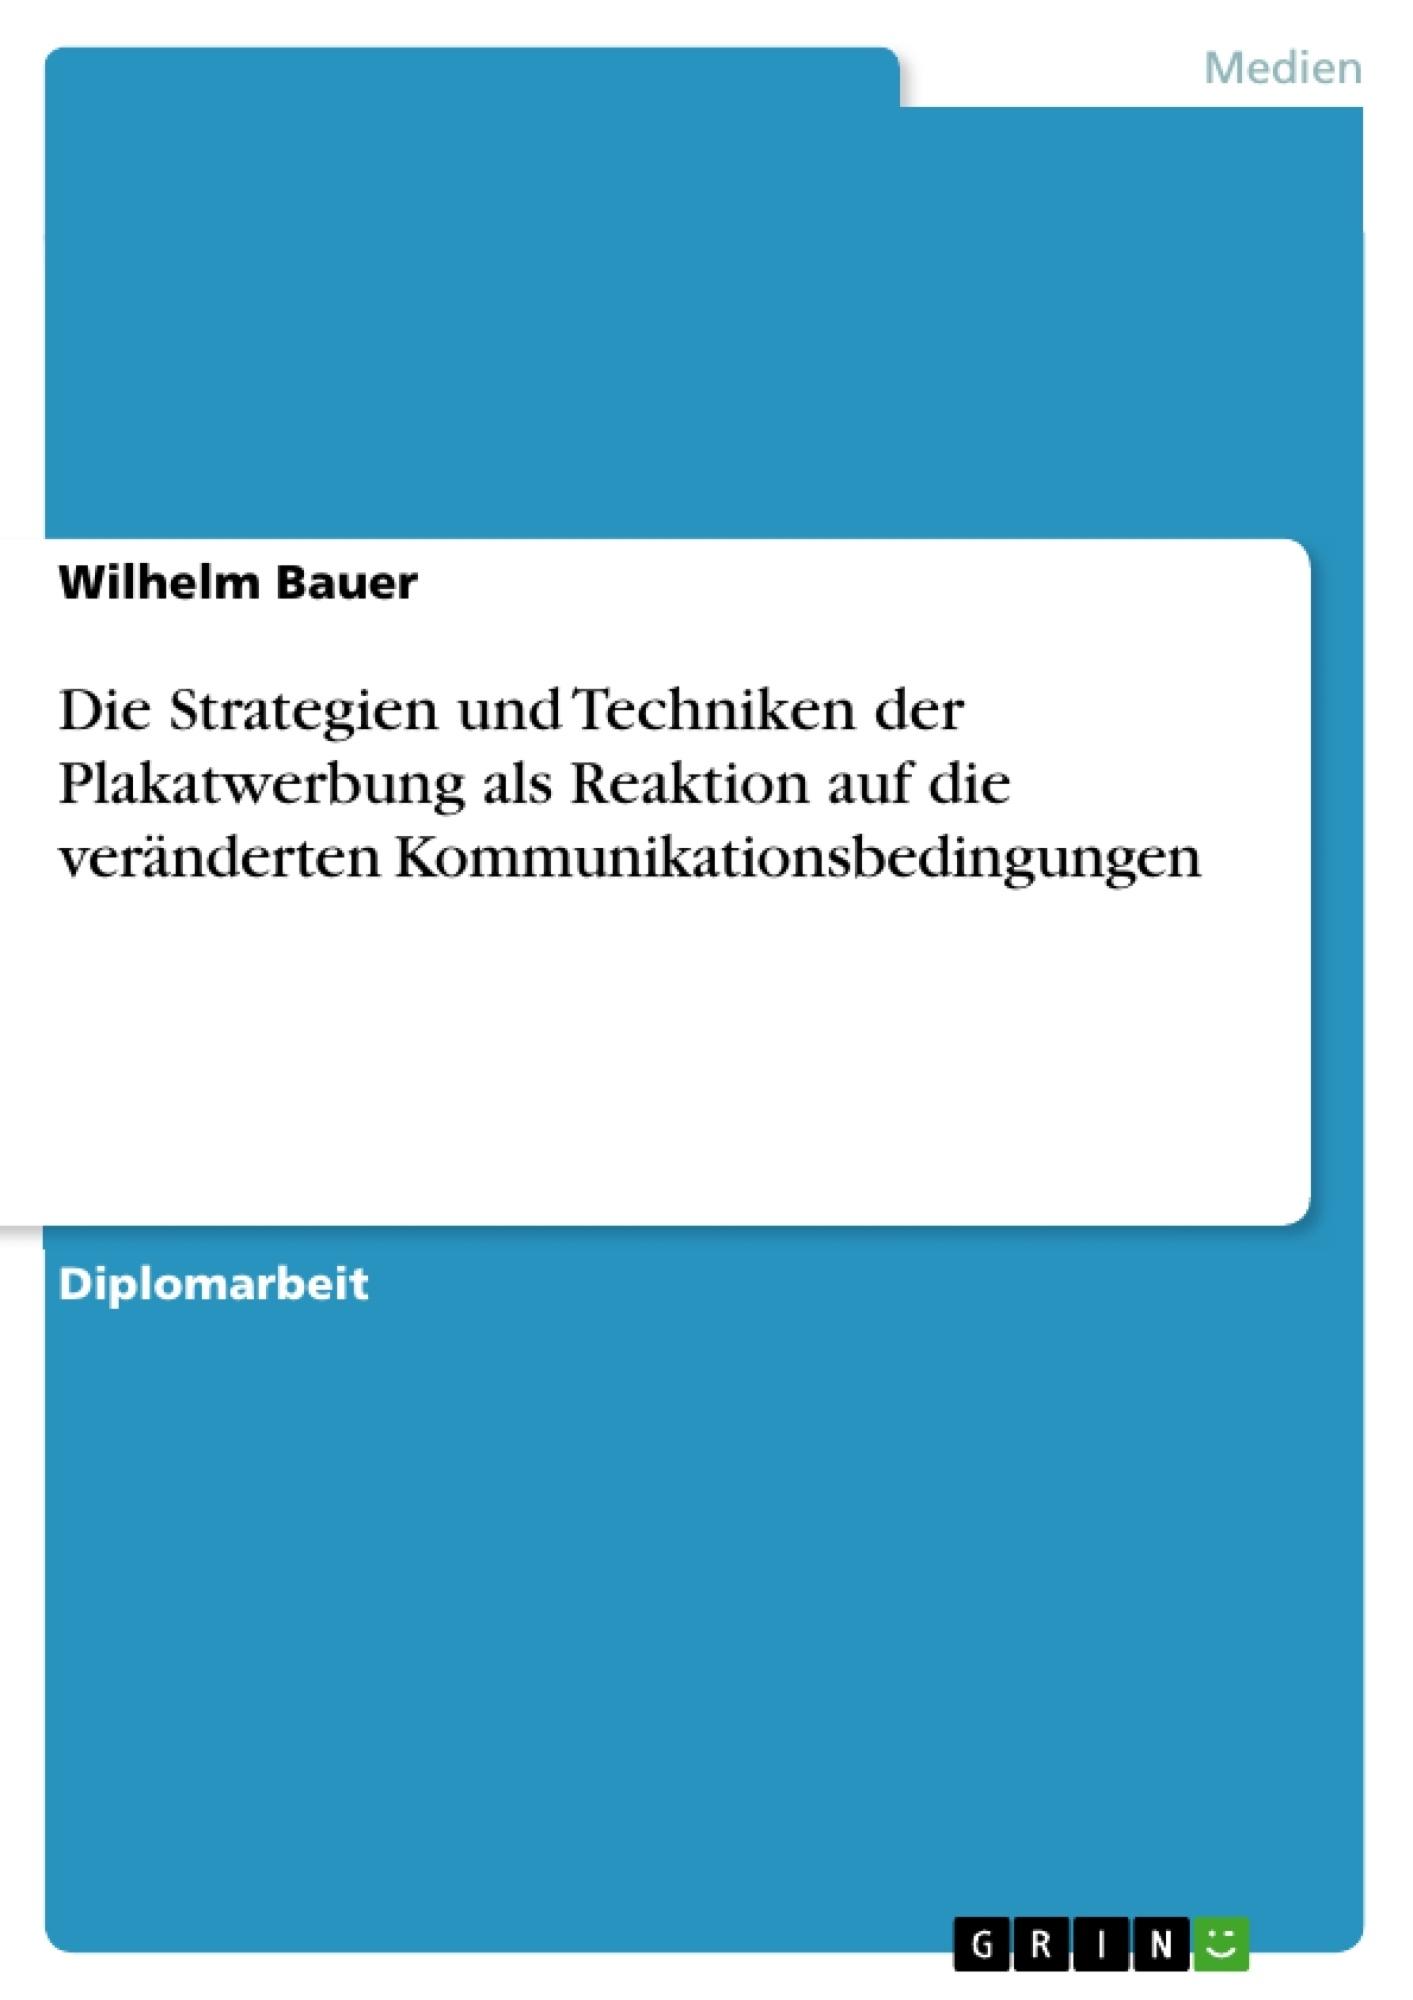 Titel: Die Strategien und Techniken der Plakatwerbung als Reaktion auf die veränderten Kommunikationsbedingungen